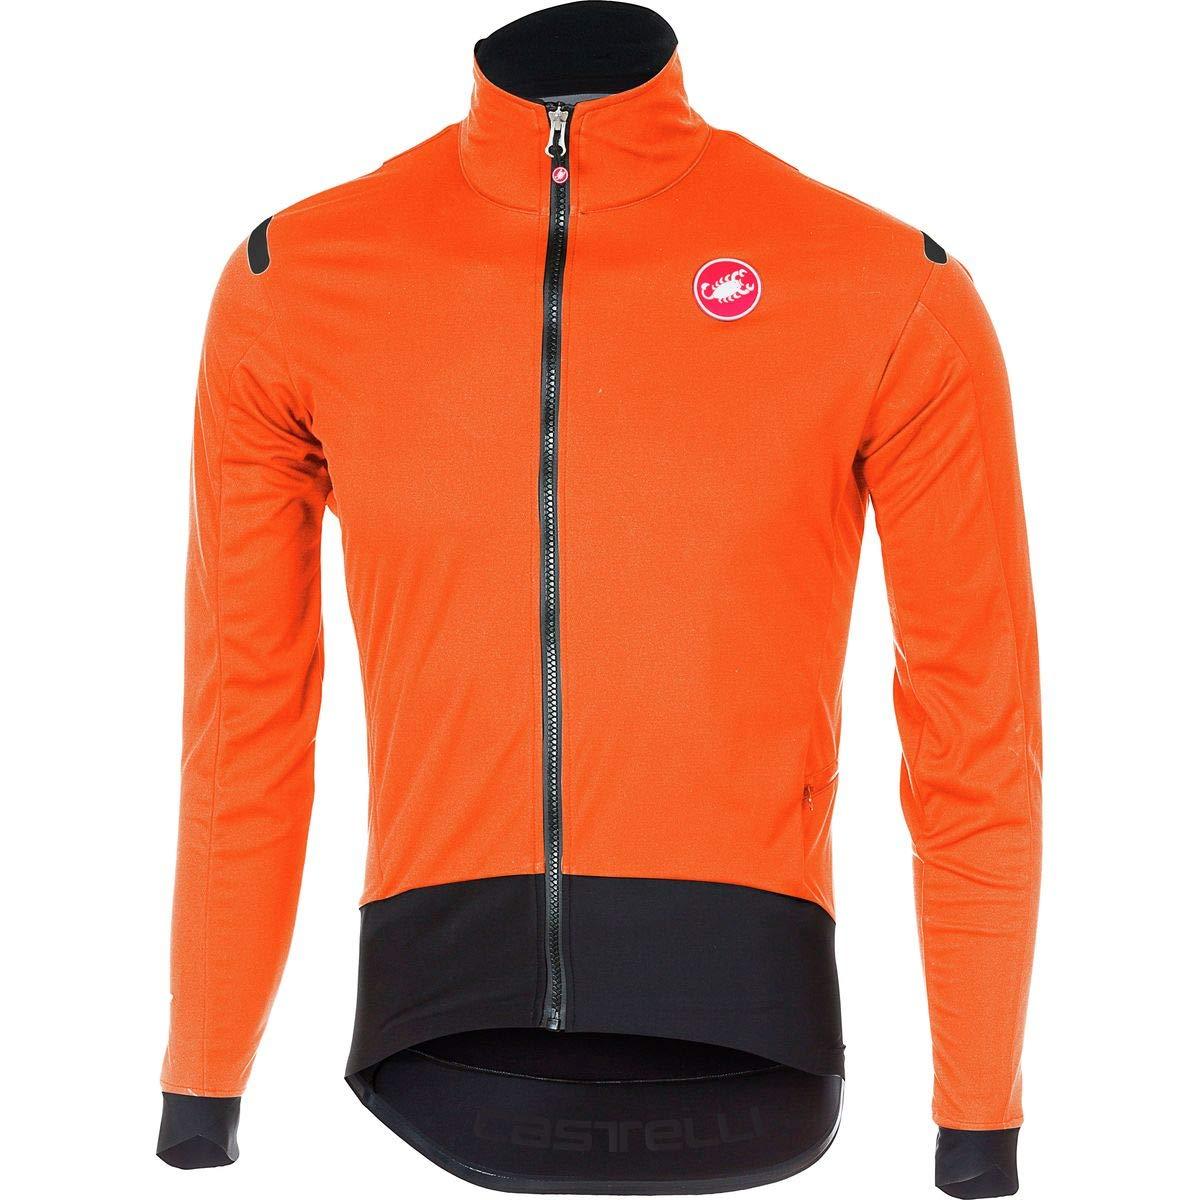 Castelli Alpha ROS Light Jacket - Men's Orange/Black, M